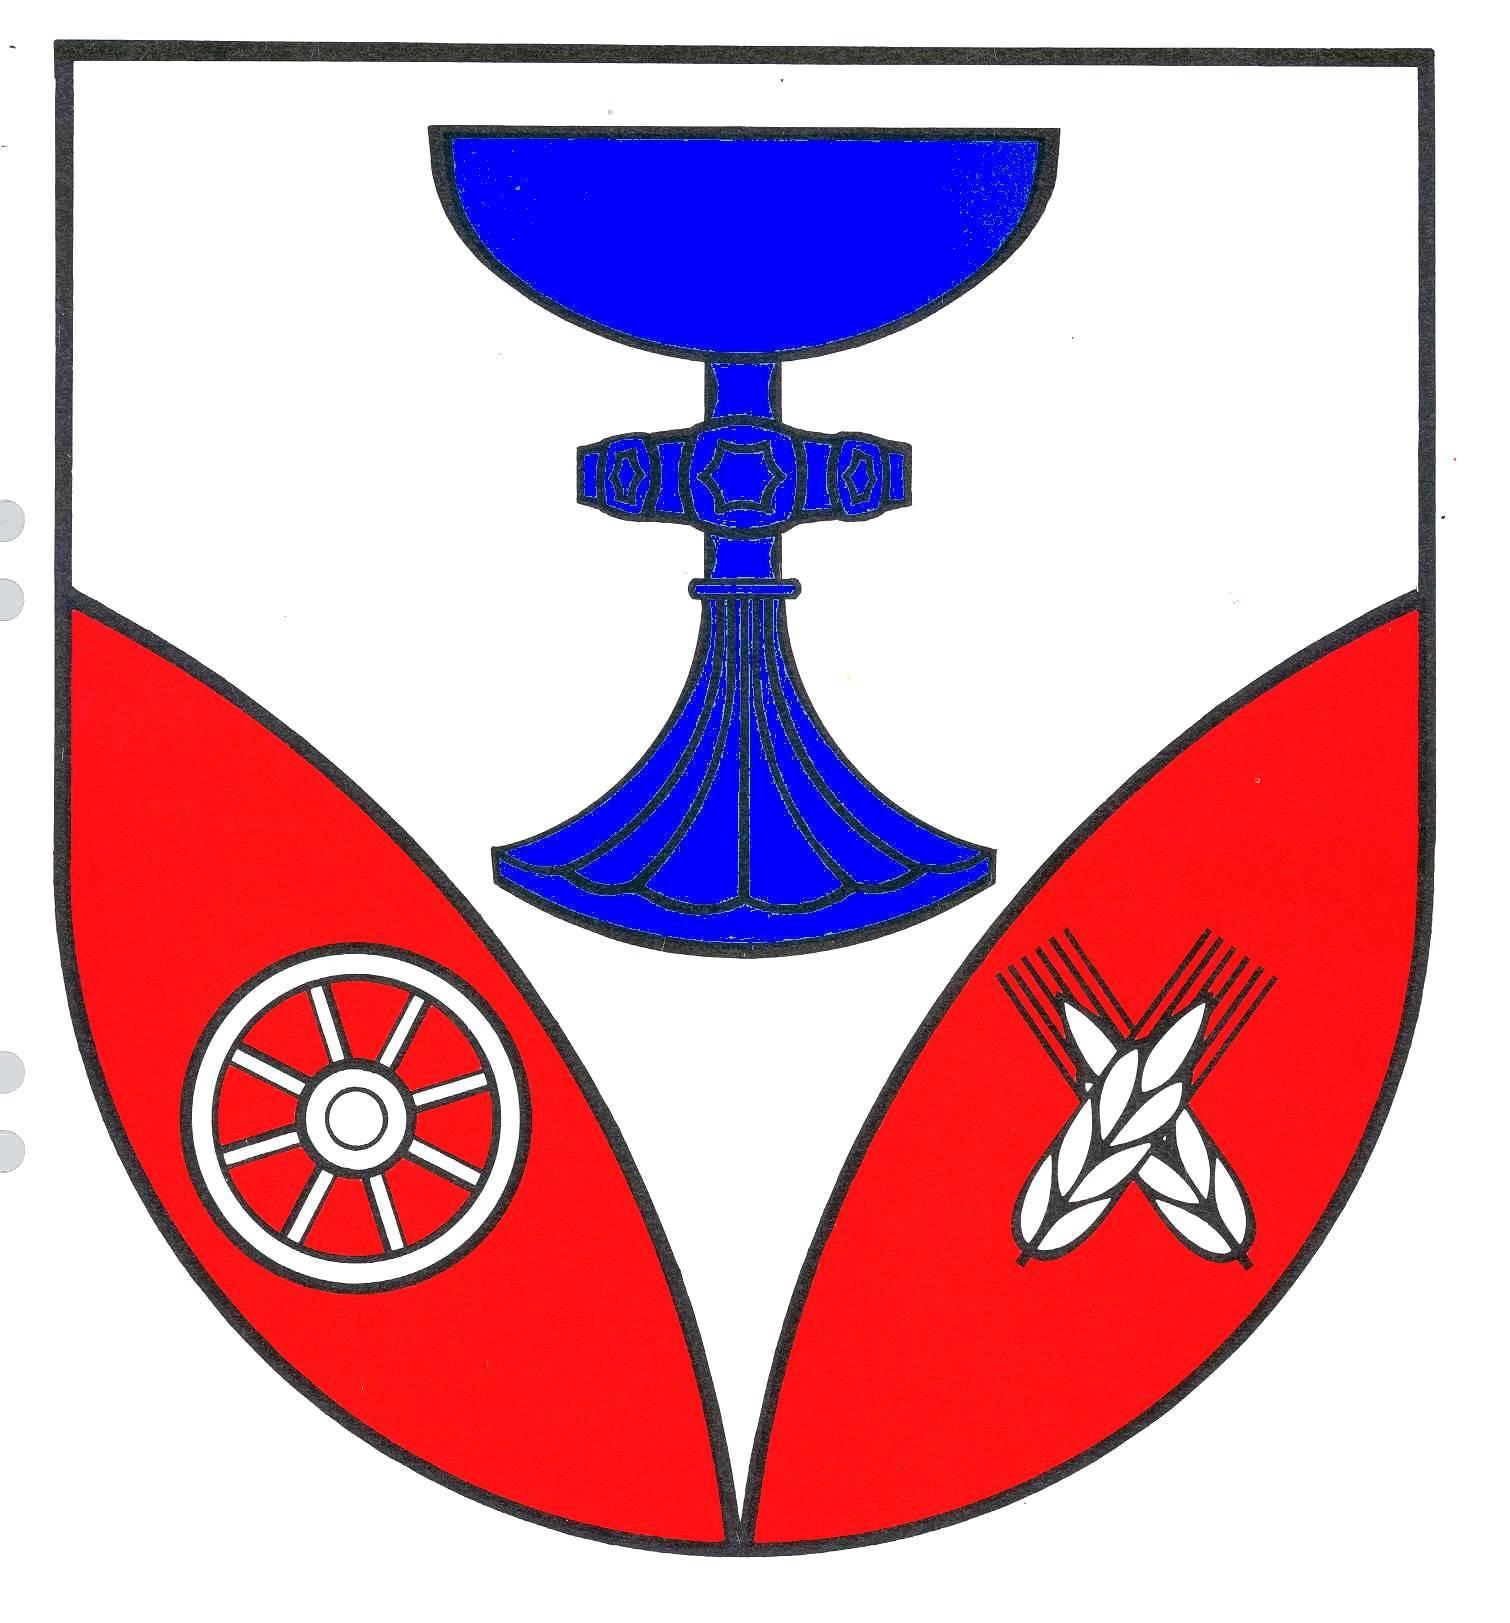 Wappen GemeindeSandesneben, Kreis Herzogtum Lauenburg